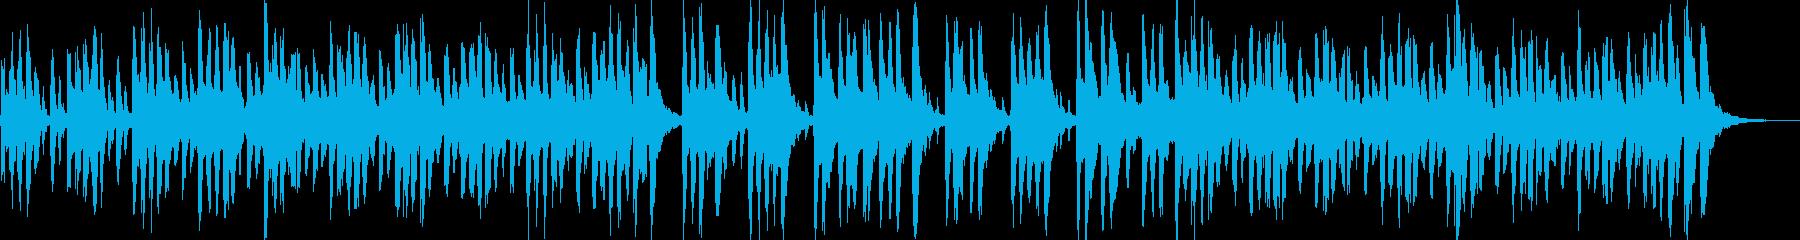 ほのぼの雰囲気のかわいらしいポップBGMの再生済みの波形